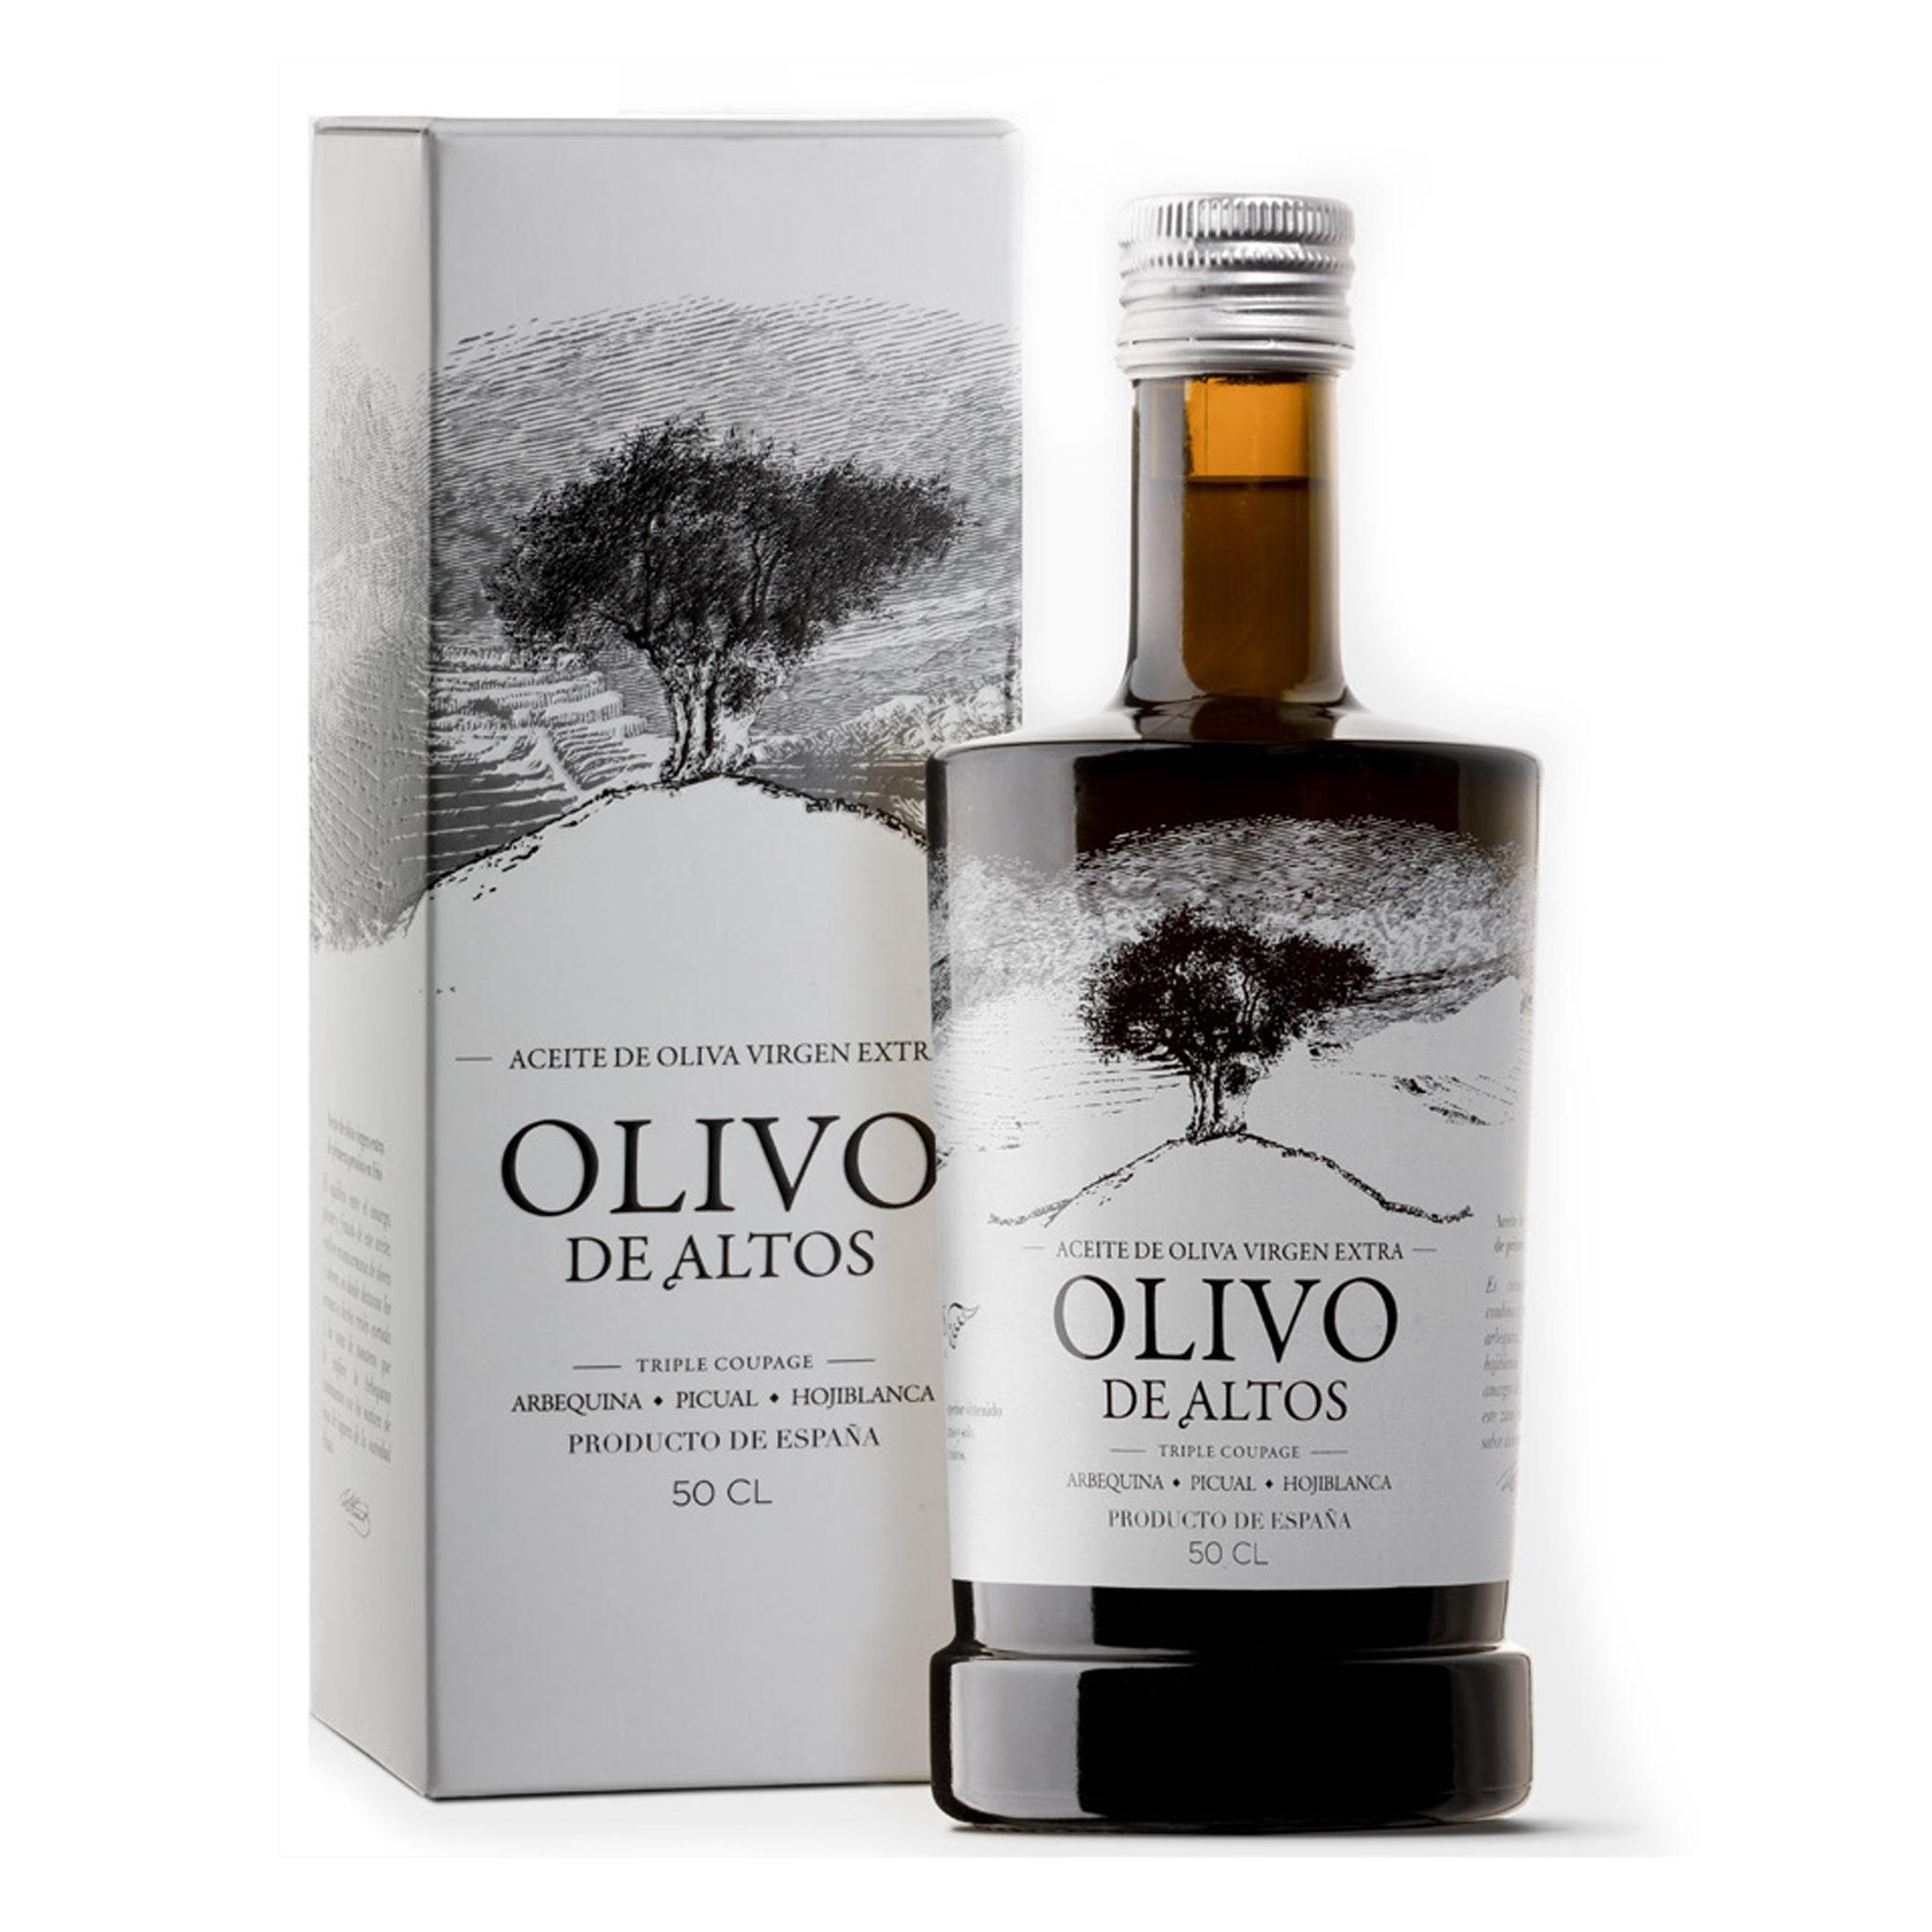 aceite-olivo-de-altos-apag-galicia-e1588964735811.jpg